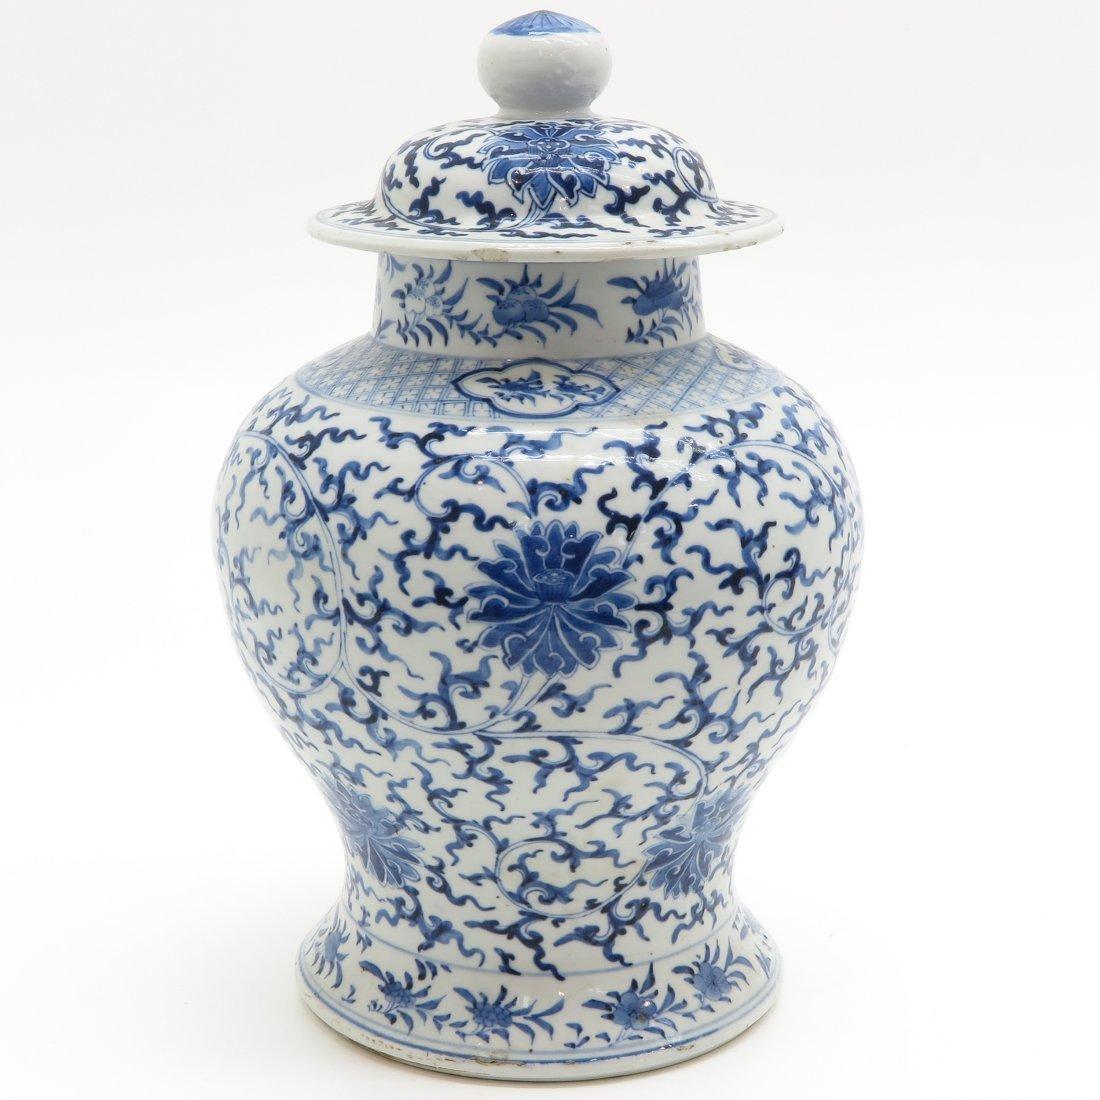 19th Century China Porcelain Lidded Vase